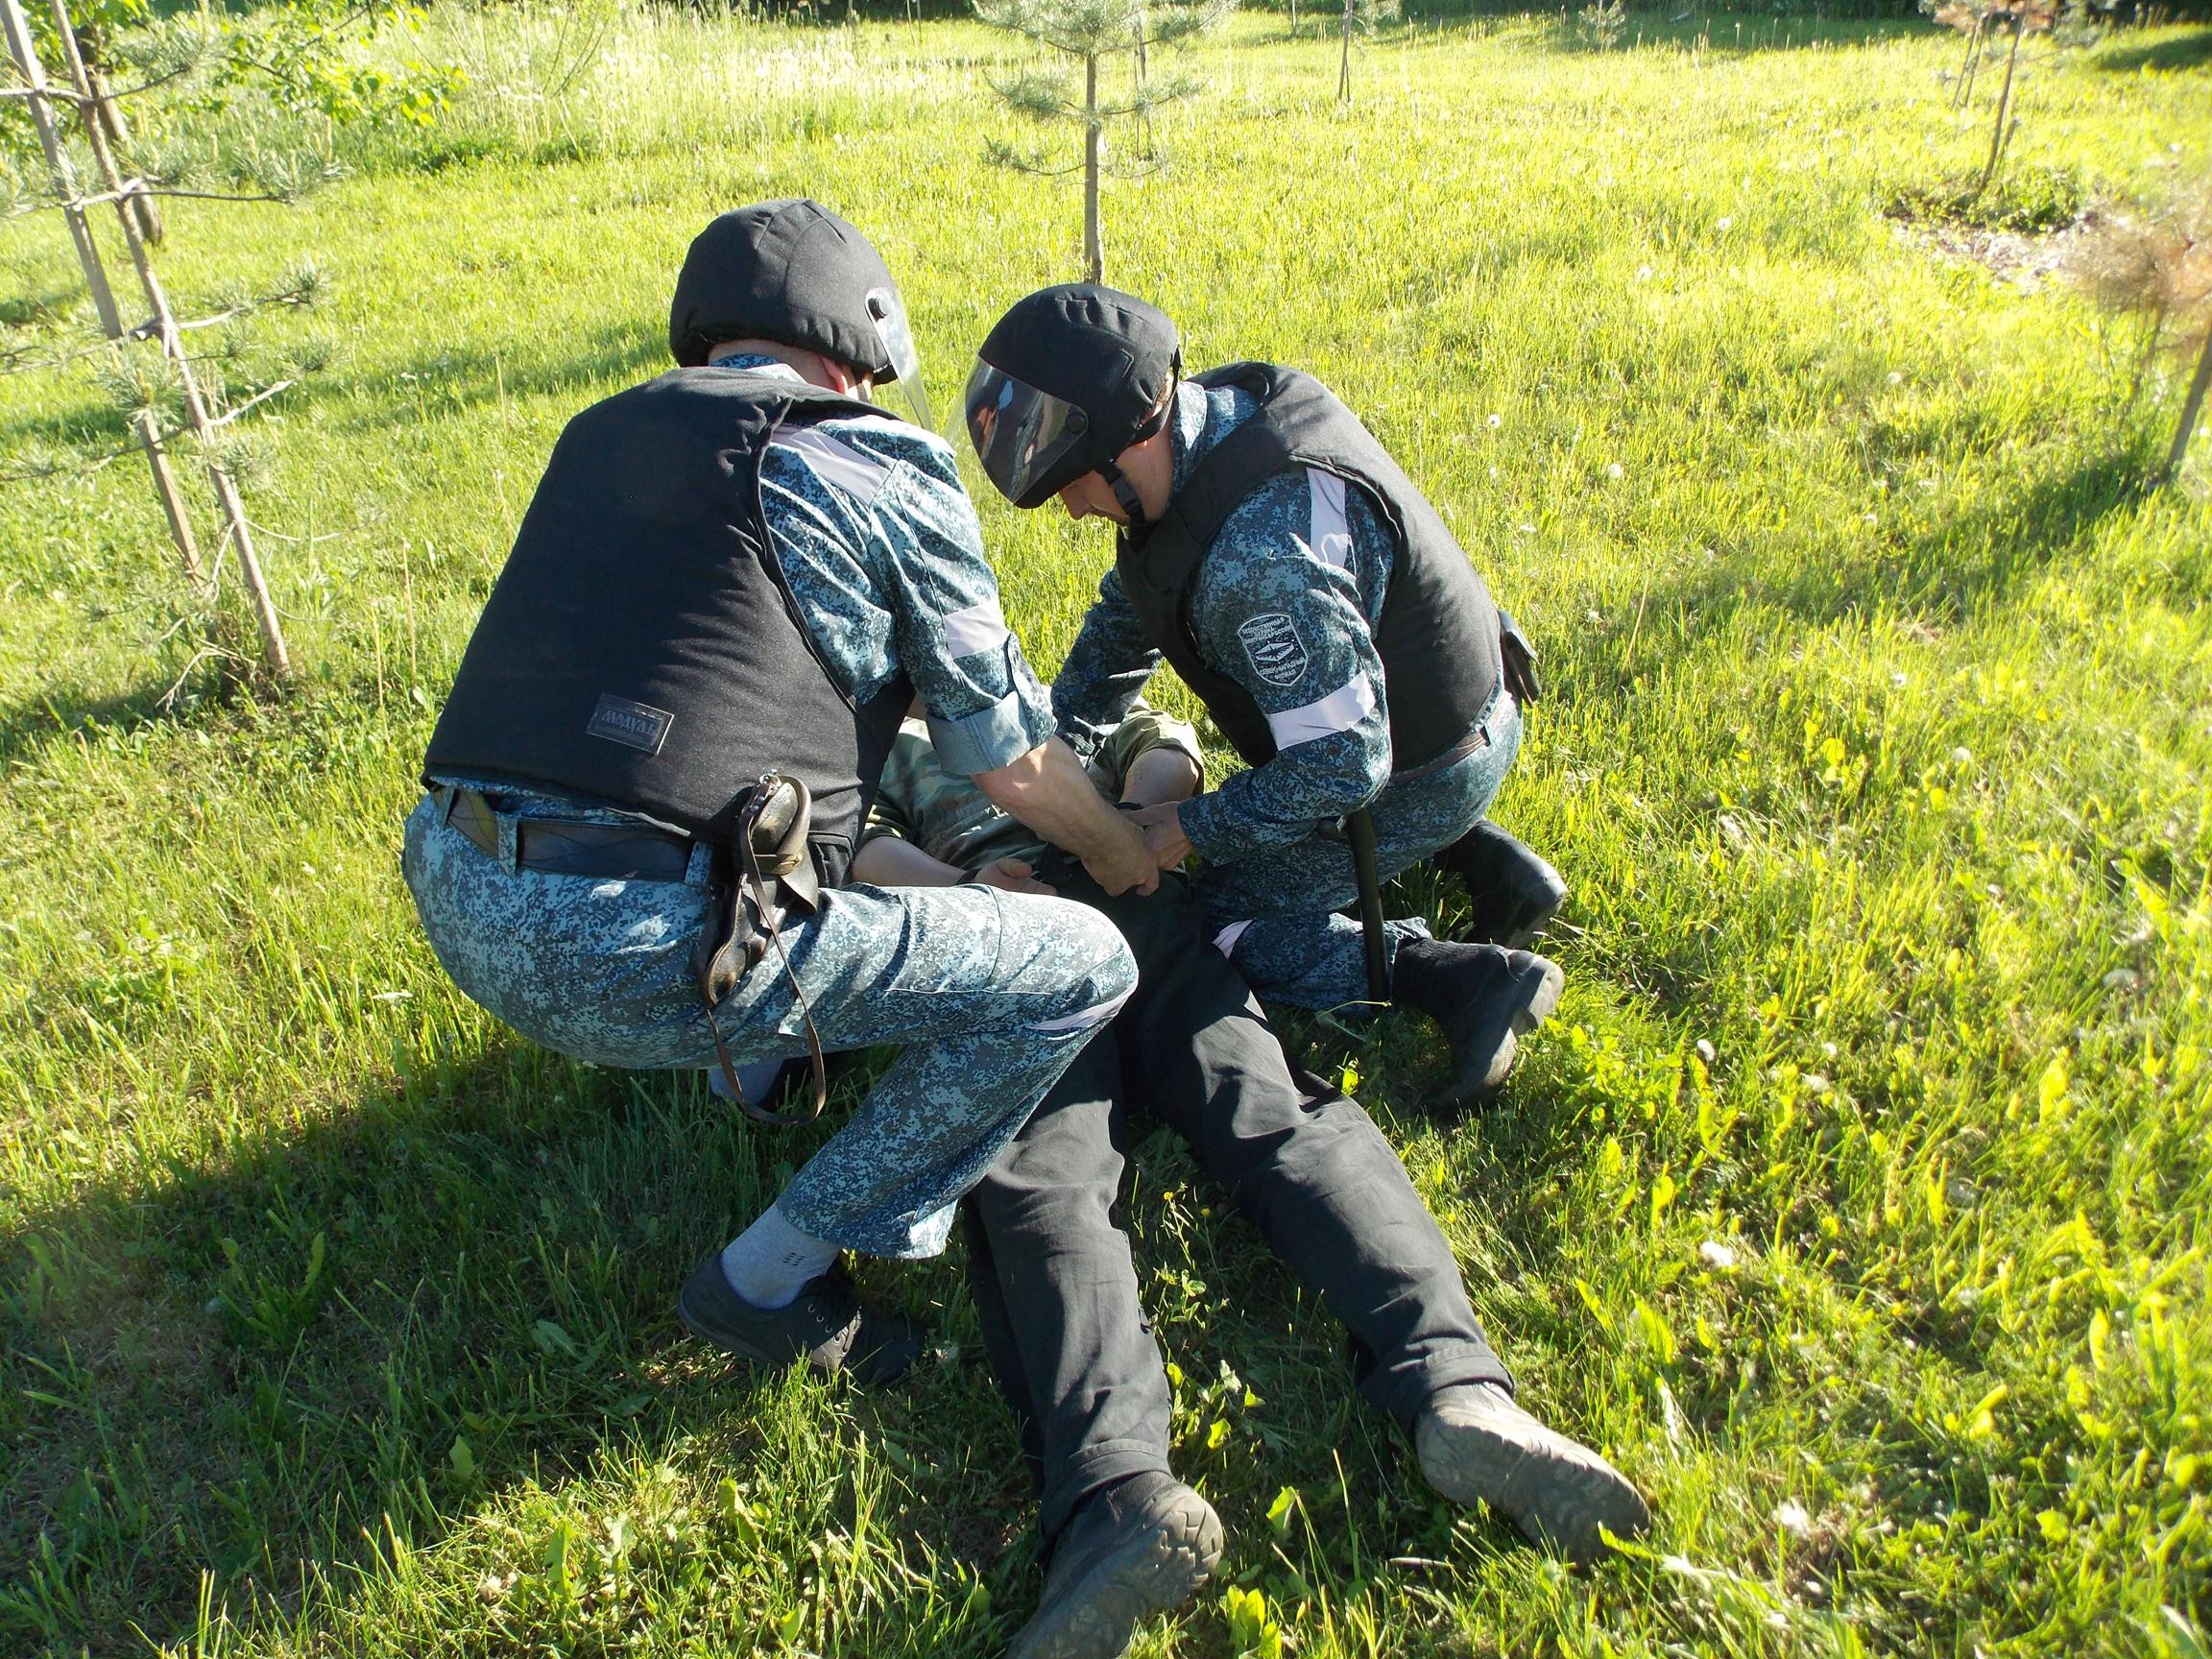 Около 500 дальневосточников задержано за попытку проникновения на объект